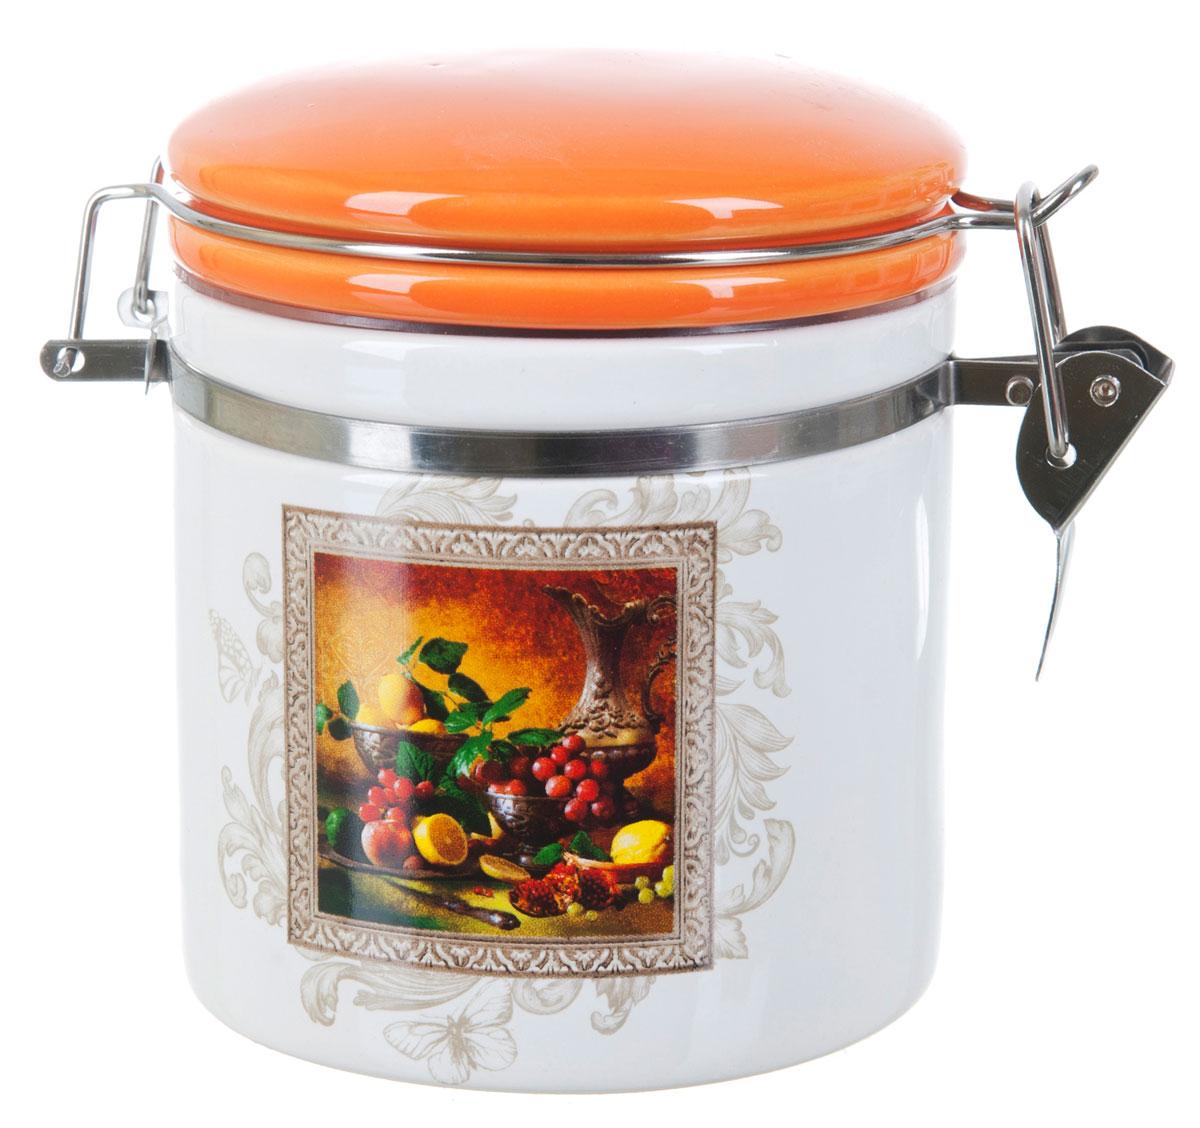 Банка для сыпучих продуктов Polystar Севилья, 500 мл. L2520548VT-1520(SR)Банка для сыпучих продуктов Polystar Севилья изготовлена из прочной доломитовой керамики, покрытой слоем сверкающей гладкой глазури. Изделие оформлено красочным изображением. Банка прекрасно подойдет для хранения различных сыпучих продуктов: чая, кофе, сахара, круп и многого другого. Благодаря силиконовой прослойке и бугельному замку, крышка герметично закрывается, что позволяет дольше сохранять продукты свежими. Изящная емкость не только поможет хранить разнообразные сыпучие продукты, но и стильно дополнит интерьер кухни. Изделие подходит для использования в посудомоечной машине и в холодильнике.